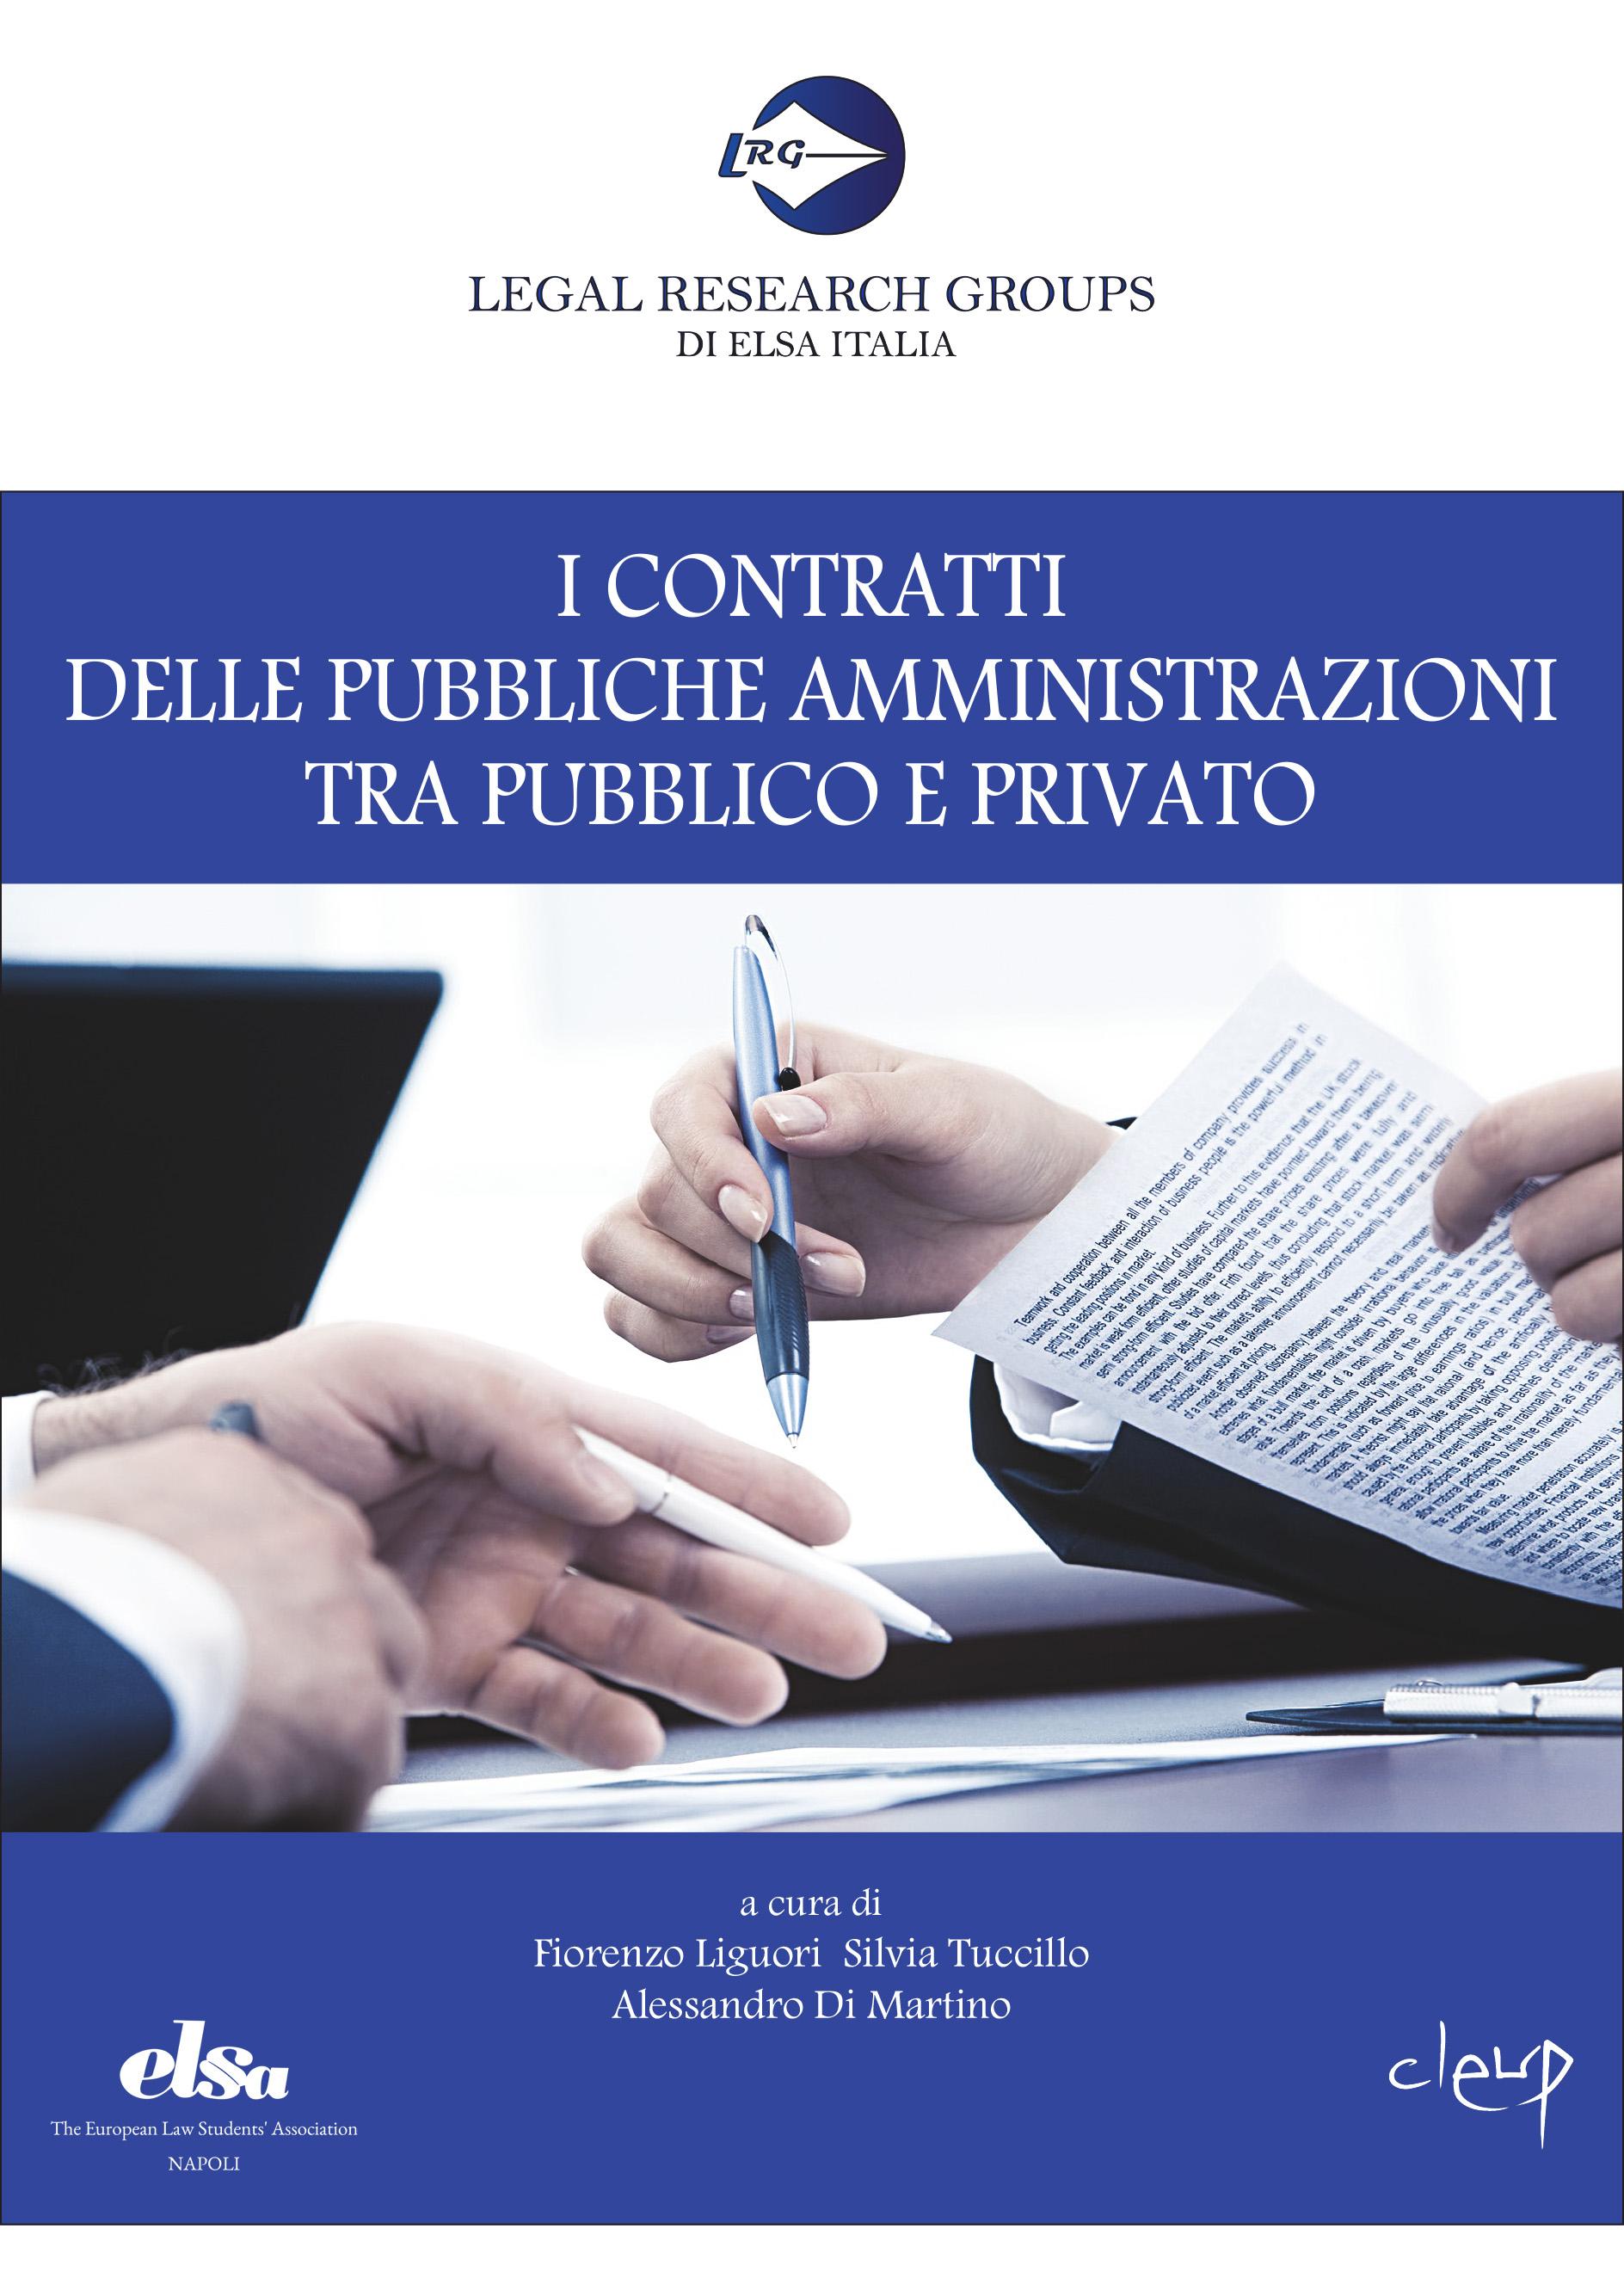 I contratti delle pubbliche amministrazioni tra pubblico e privato